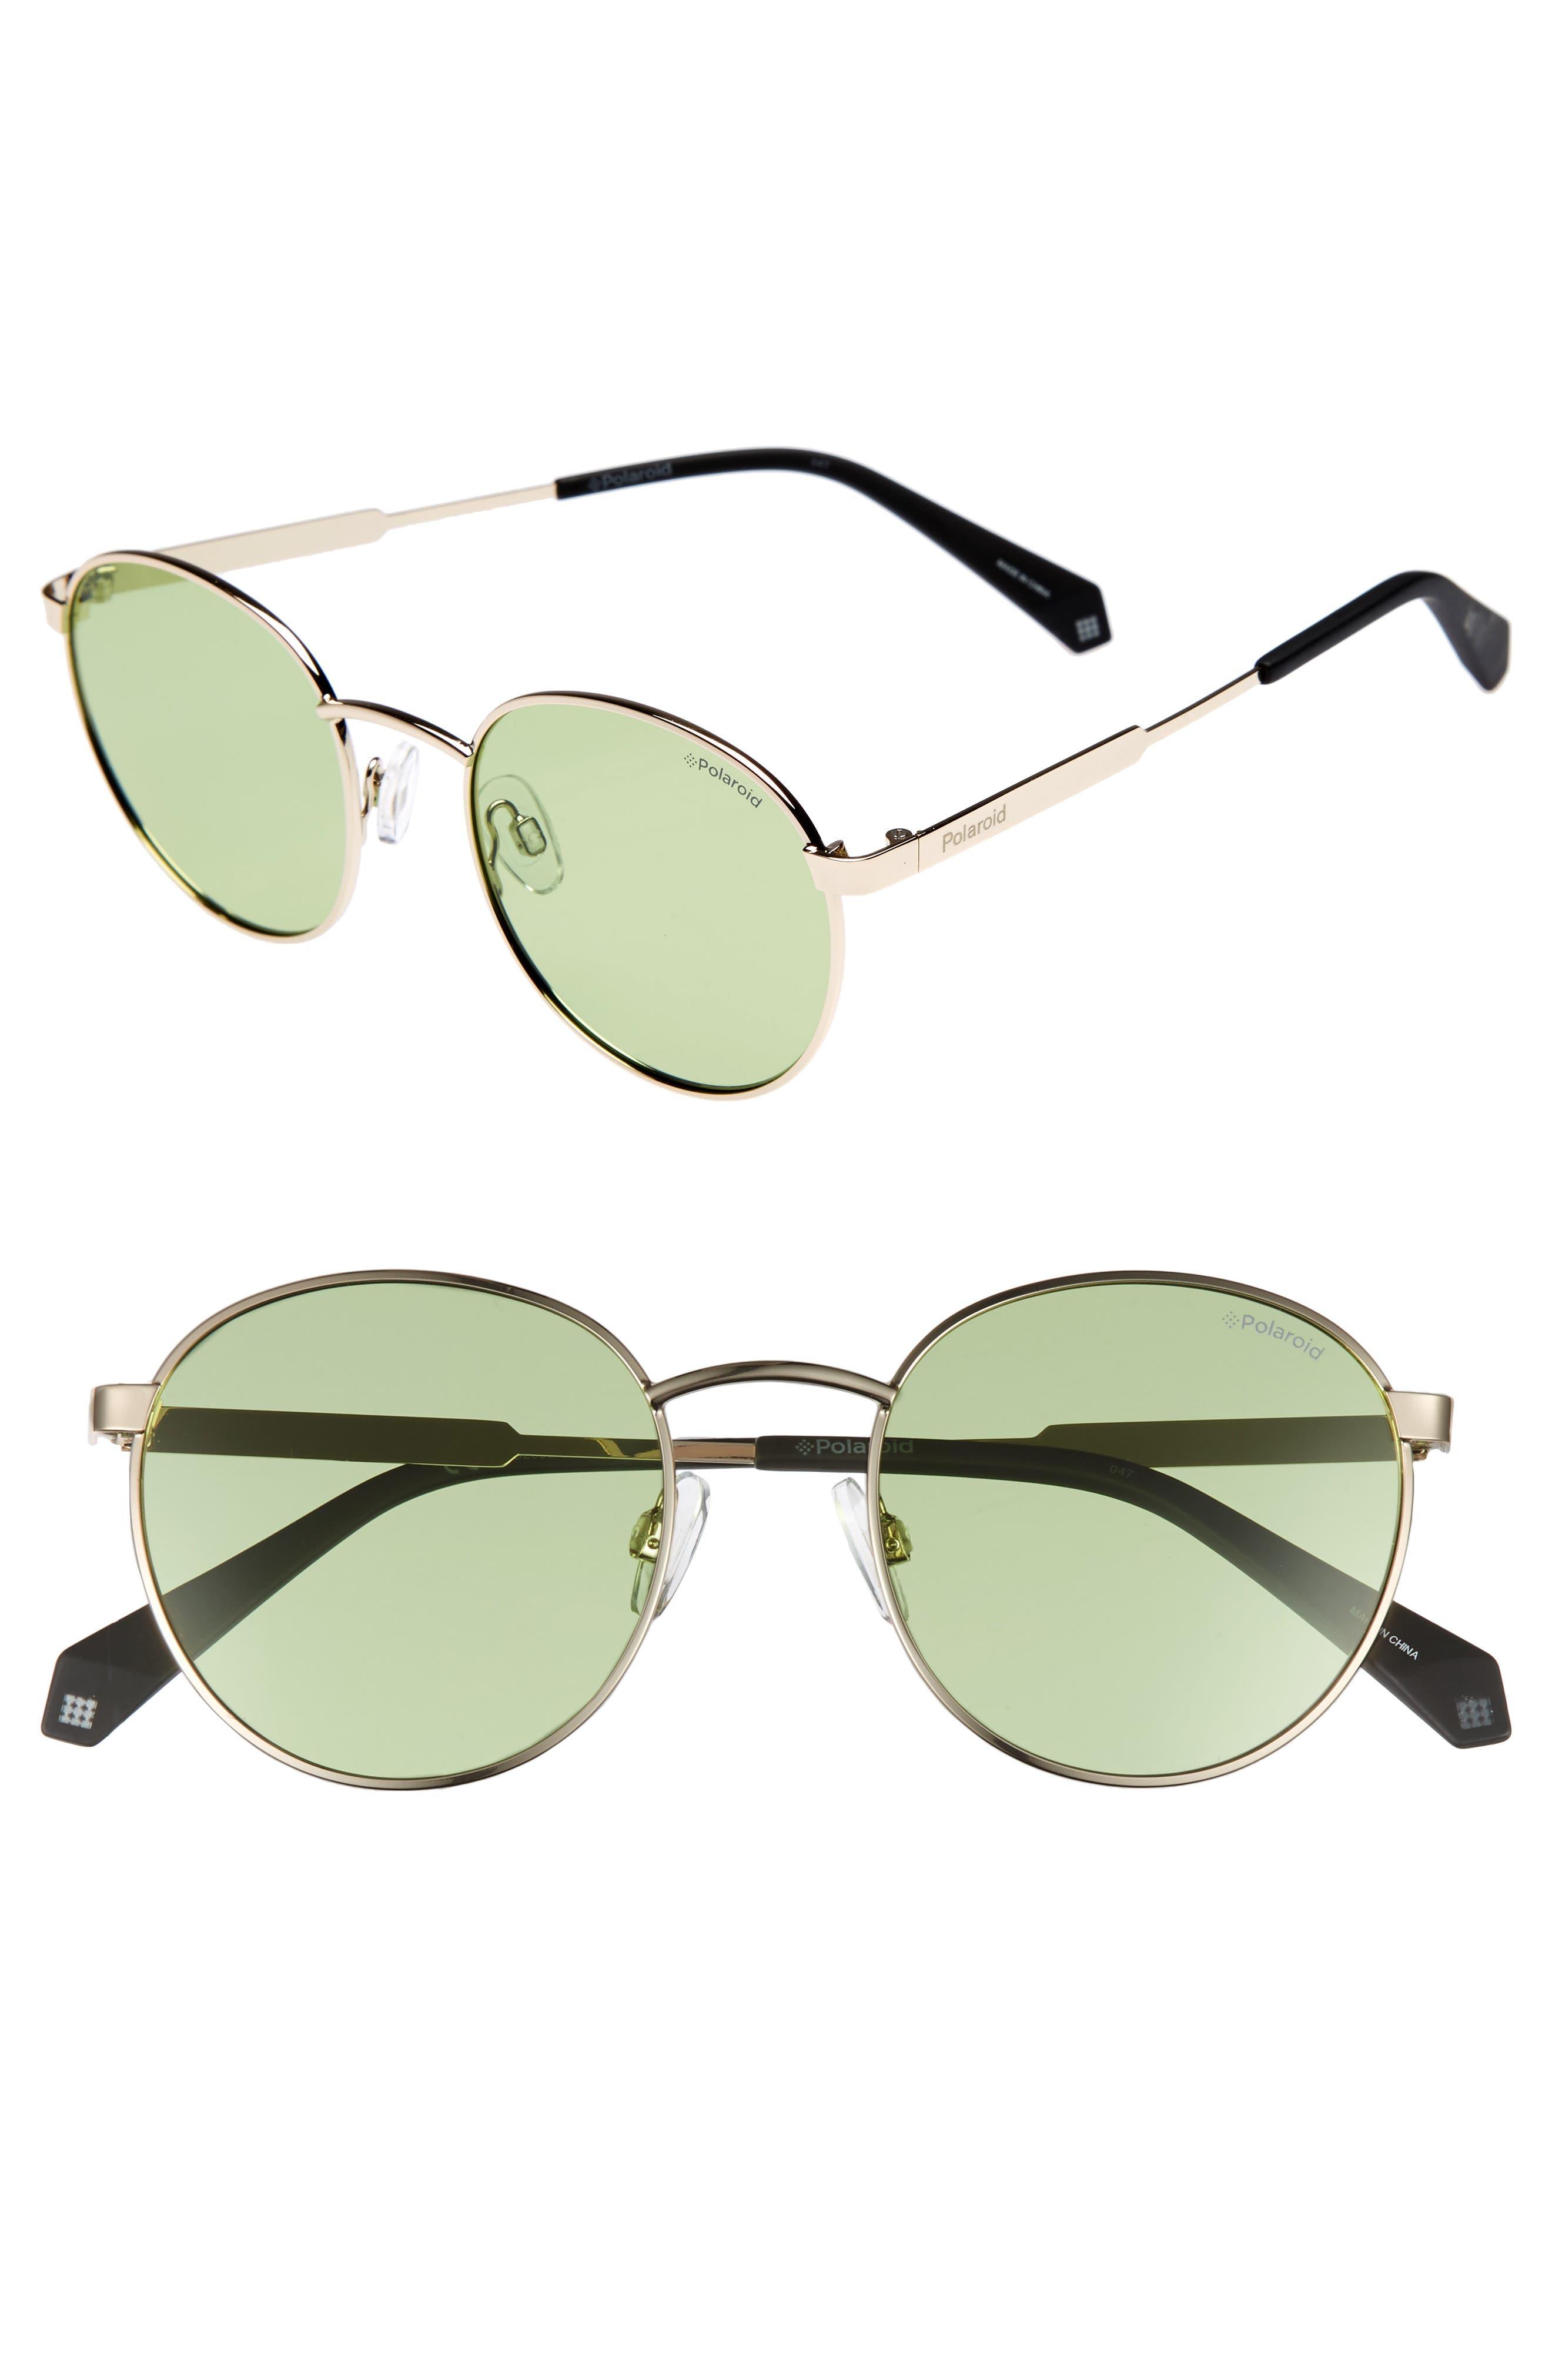 51mm Round Retro Polarized Sunglasses,                         Main,                         color, Green